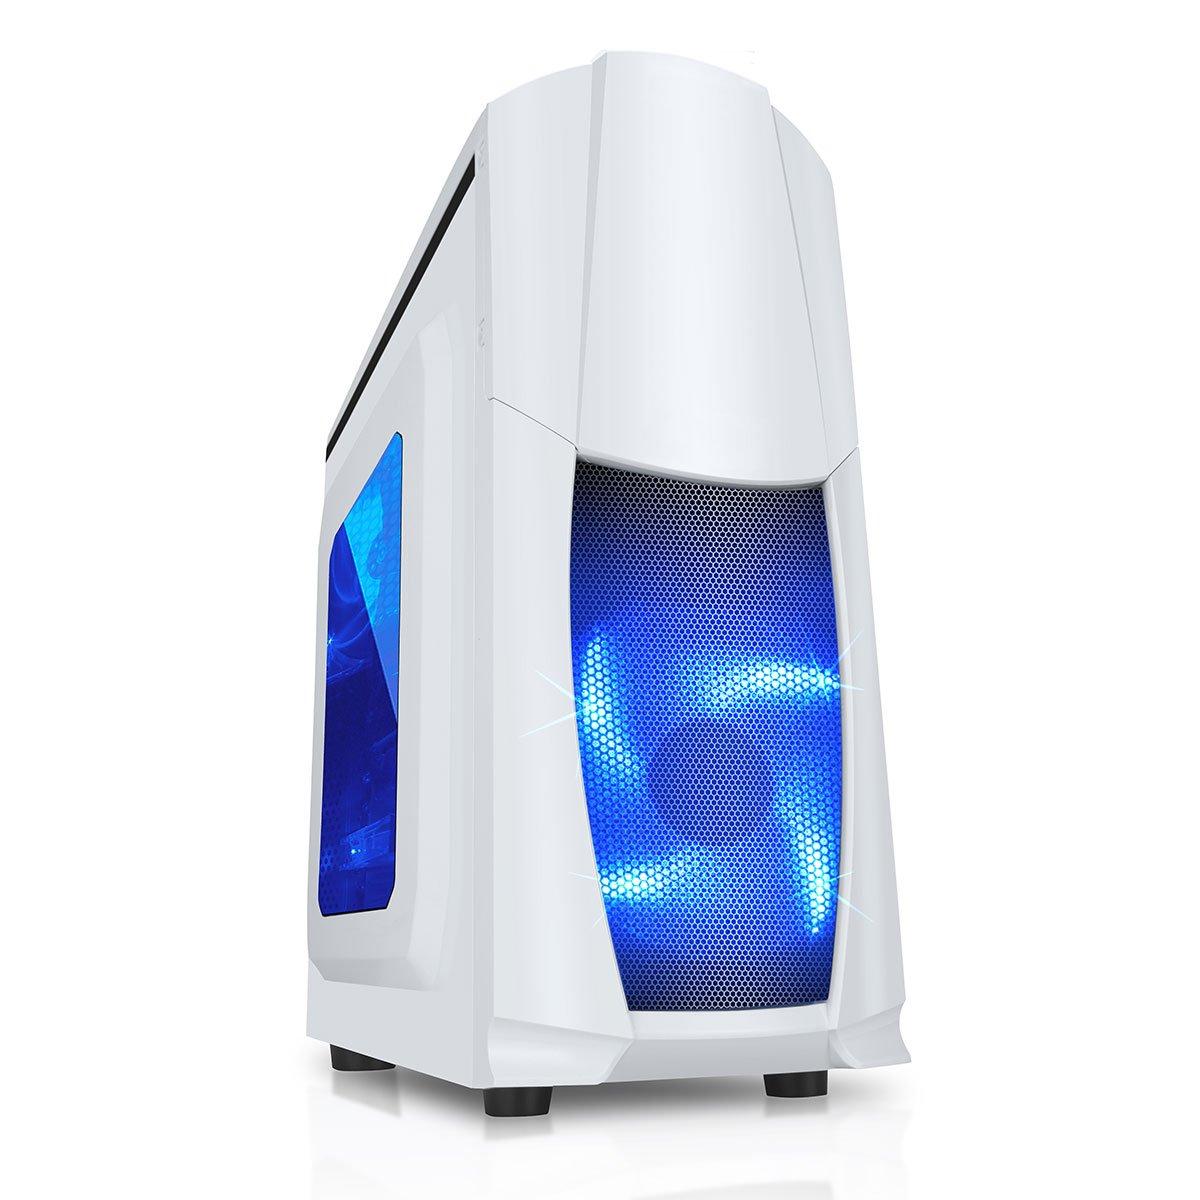 CiT Dragon 3 Caja Midi con Ventiladores Azules led de 12 cm y Rejilla Lateral Blanco Blanco: Amazon.es: Informática